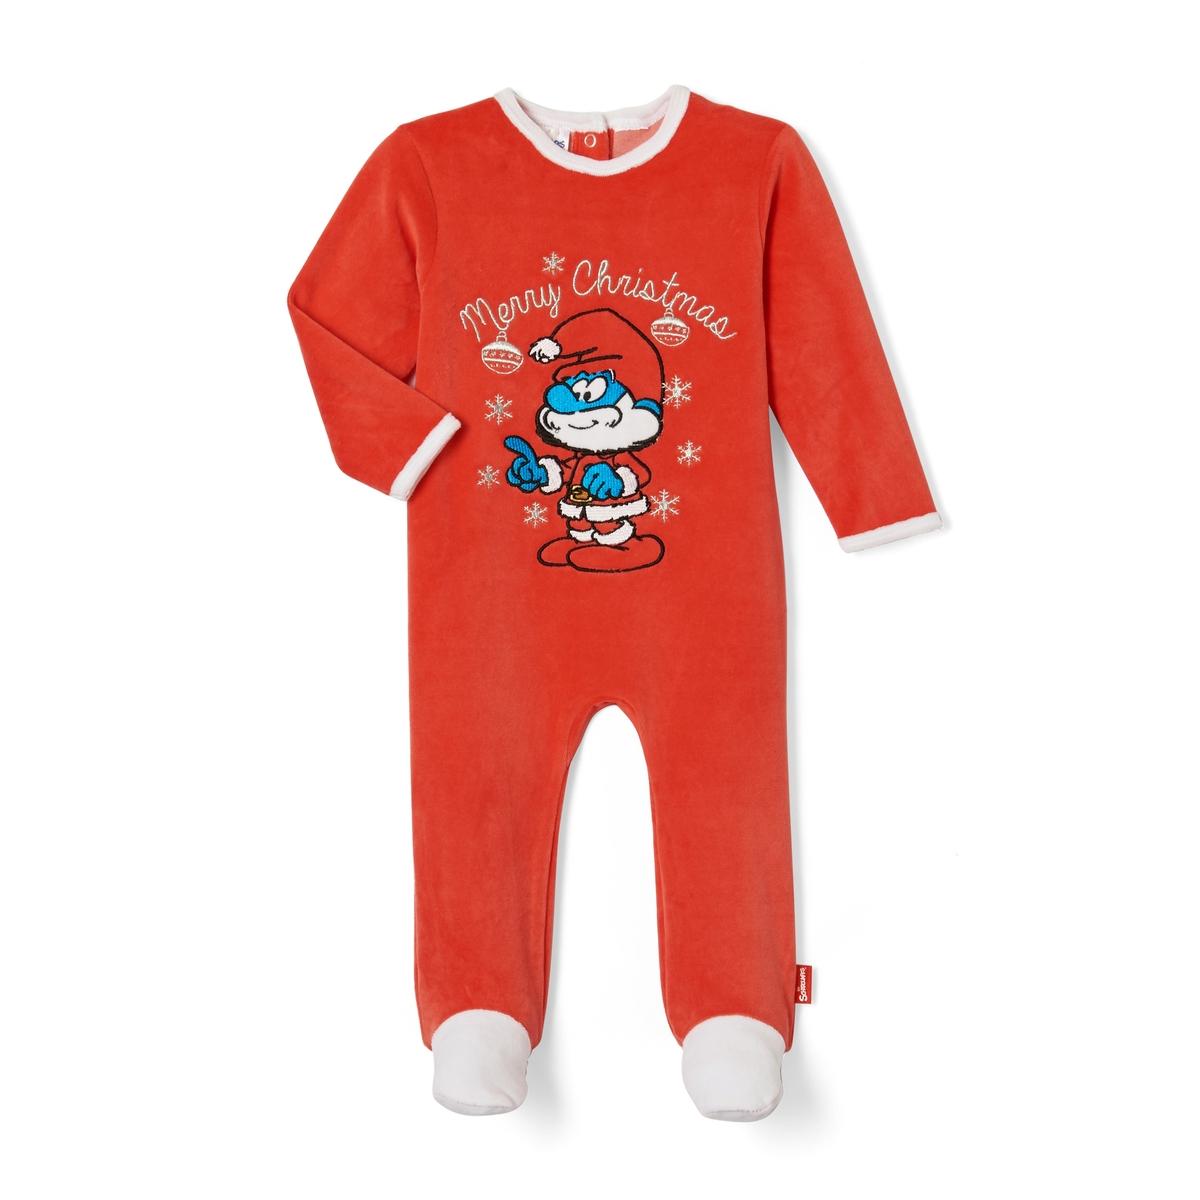 Пижама из велюра с носочками, 3 мес - 2 лет